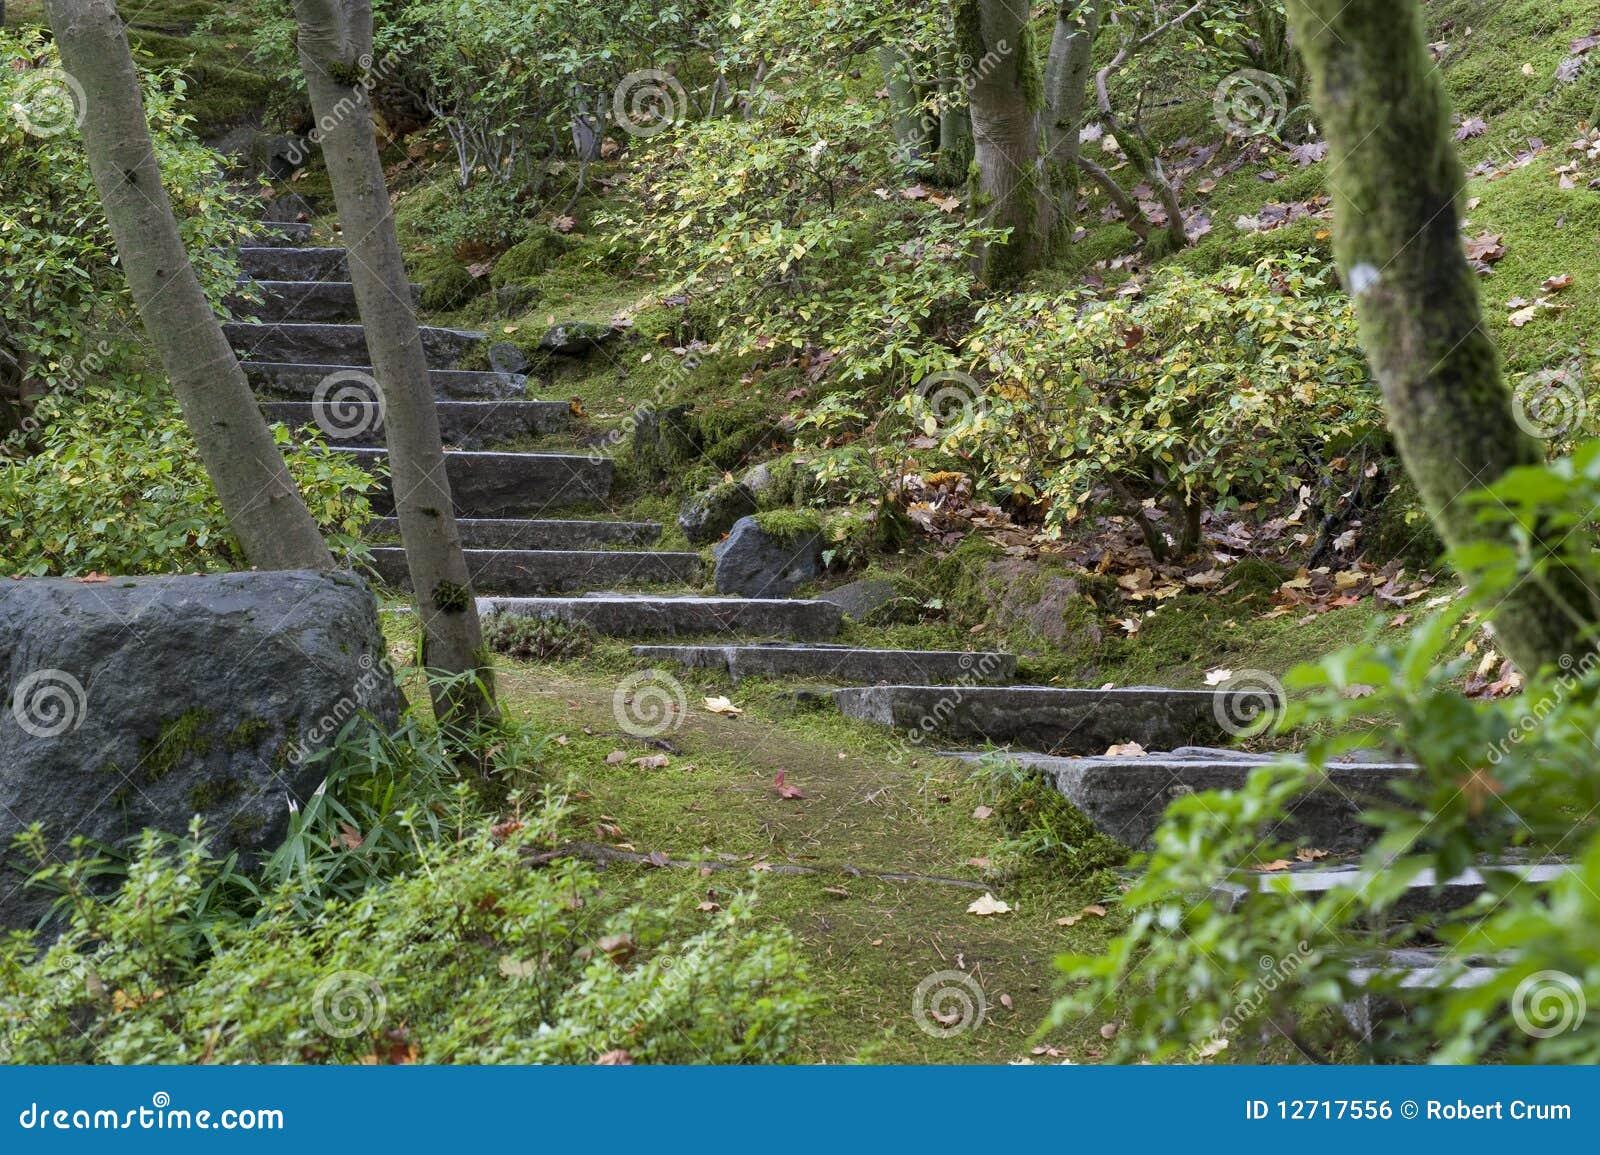 escada de pedra no jardim:de pedra rústico no jardim japonês de portland oregon mr no pr no